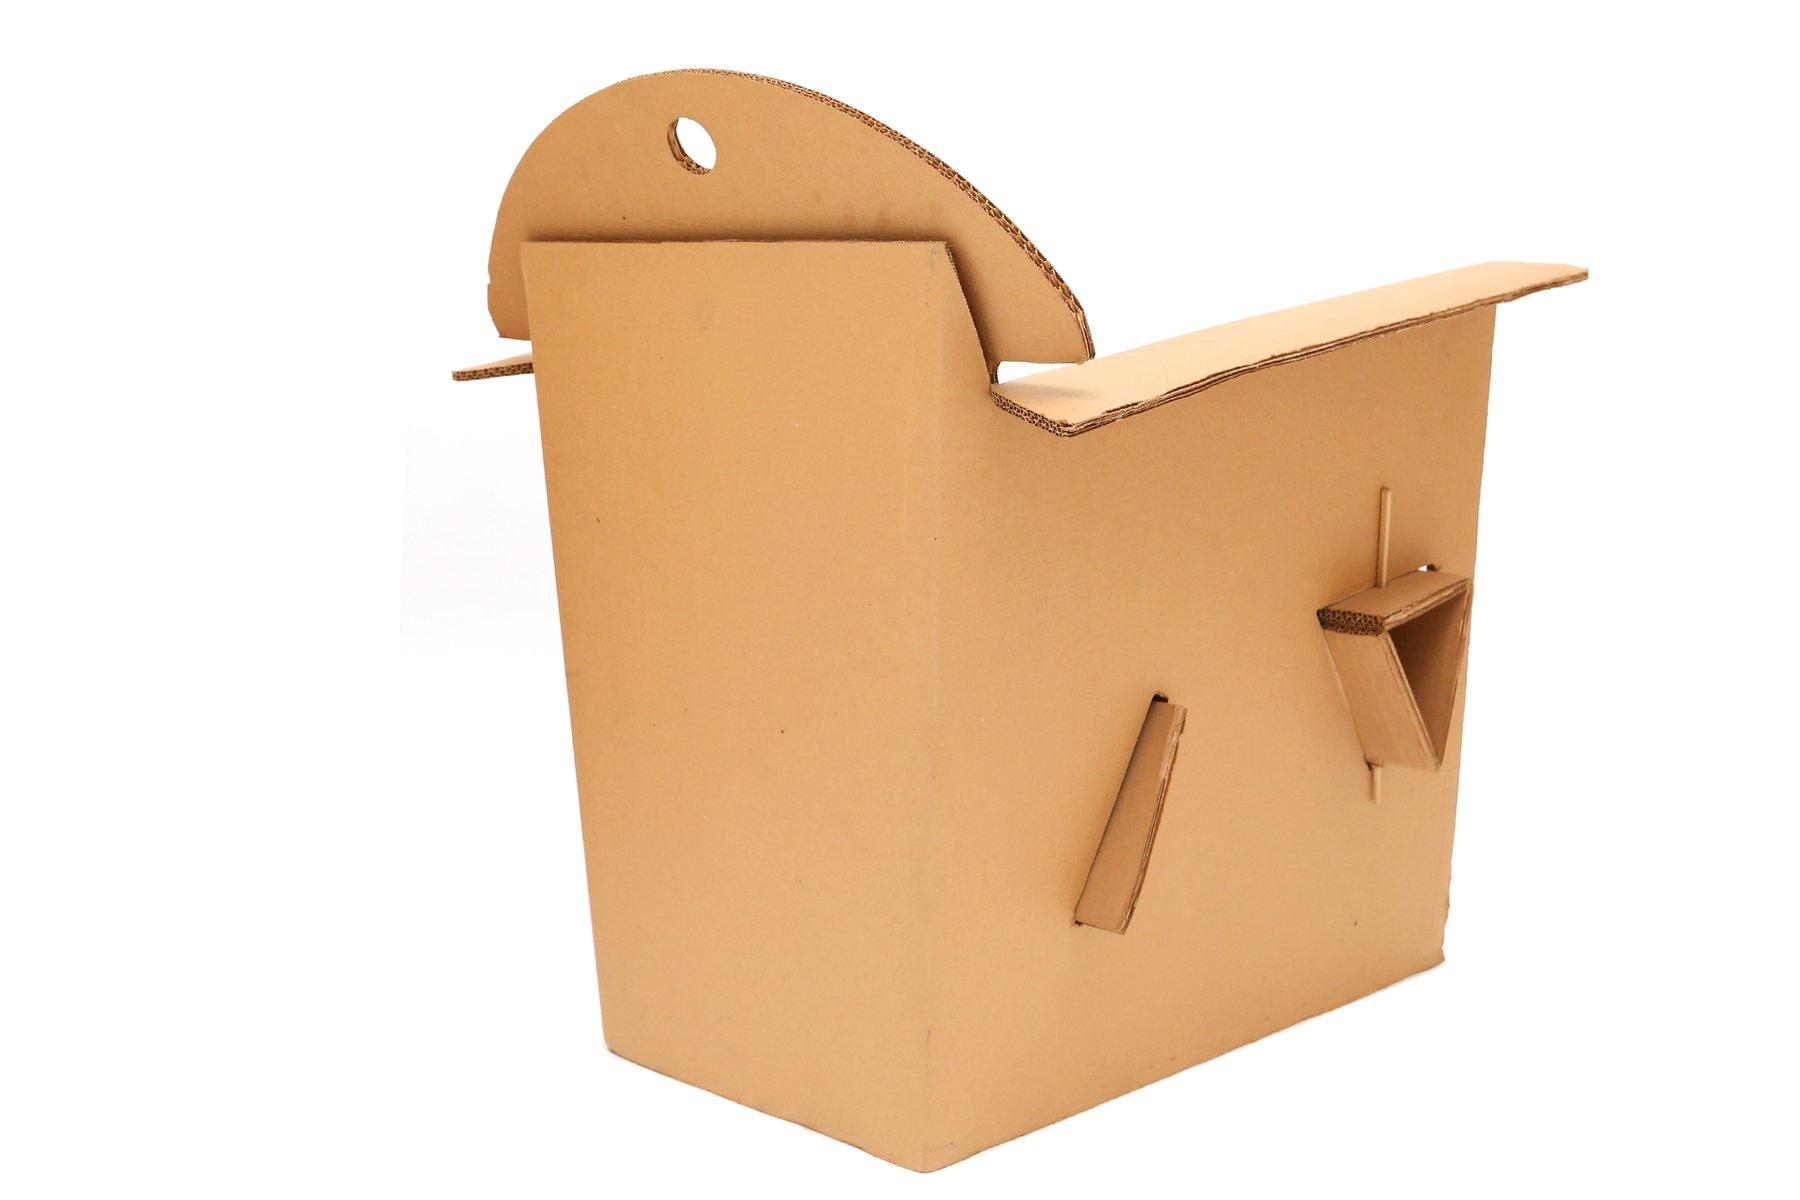 fauteuils t 4 1 en carton par olivier leblois pour quart de poil 1993 set de 2 en vente sur pamono. Black Bedroom Furniture Sets. Home Design Ideas